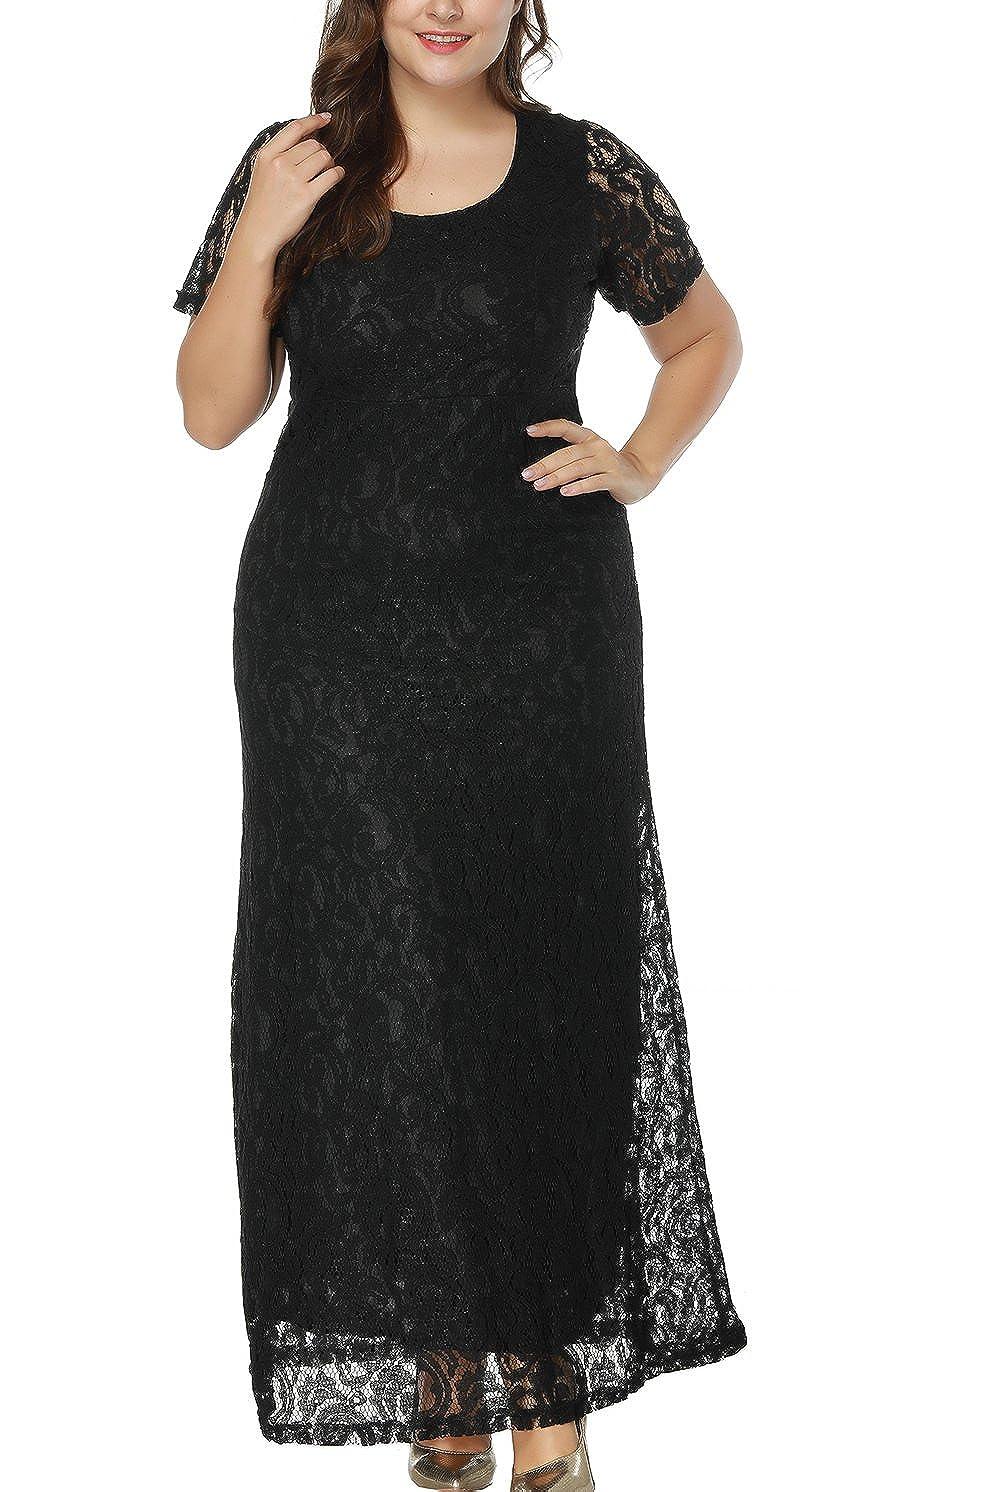 c1e18deb1dc Eternatastic Women s Floral Lace Long Dress Plus Size Party Dress Black at  Amazon Women s Clothing store